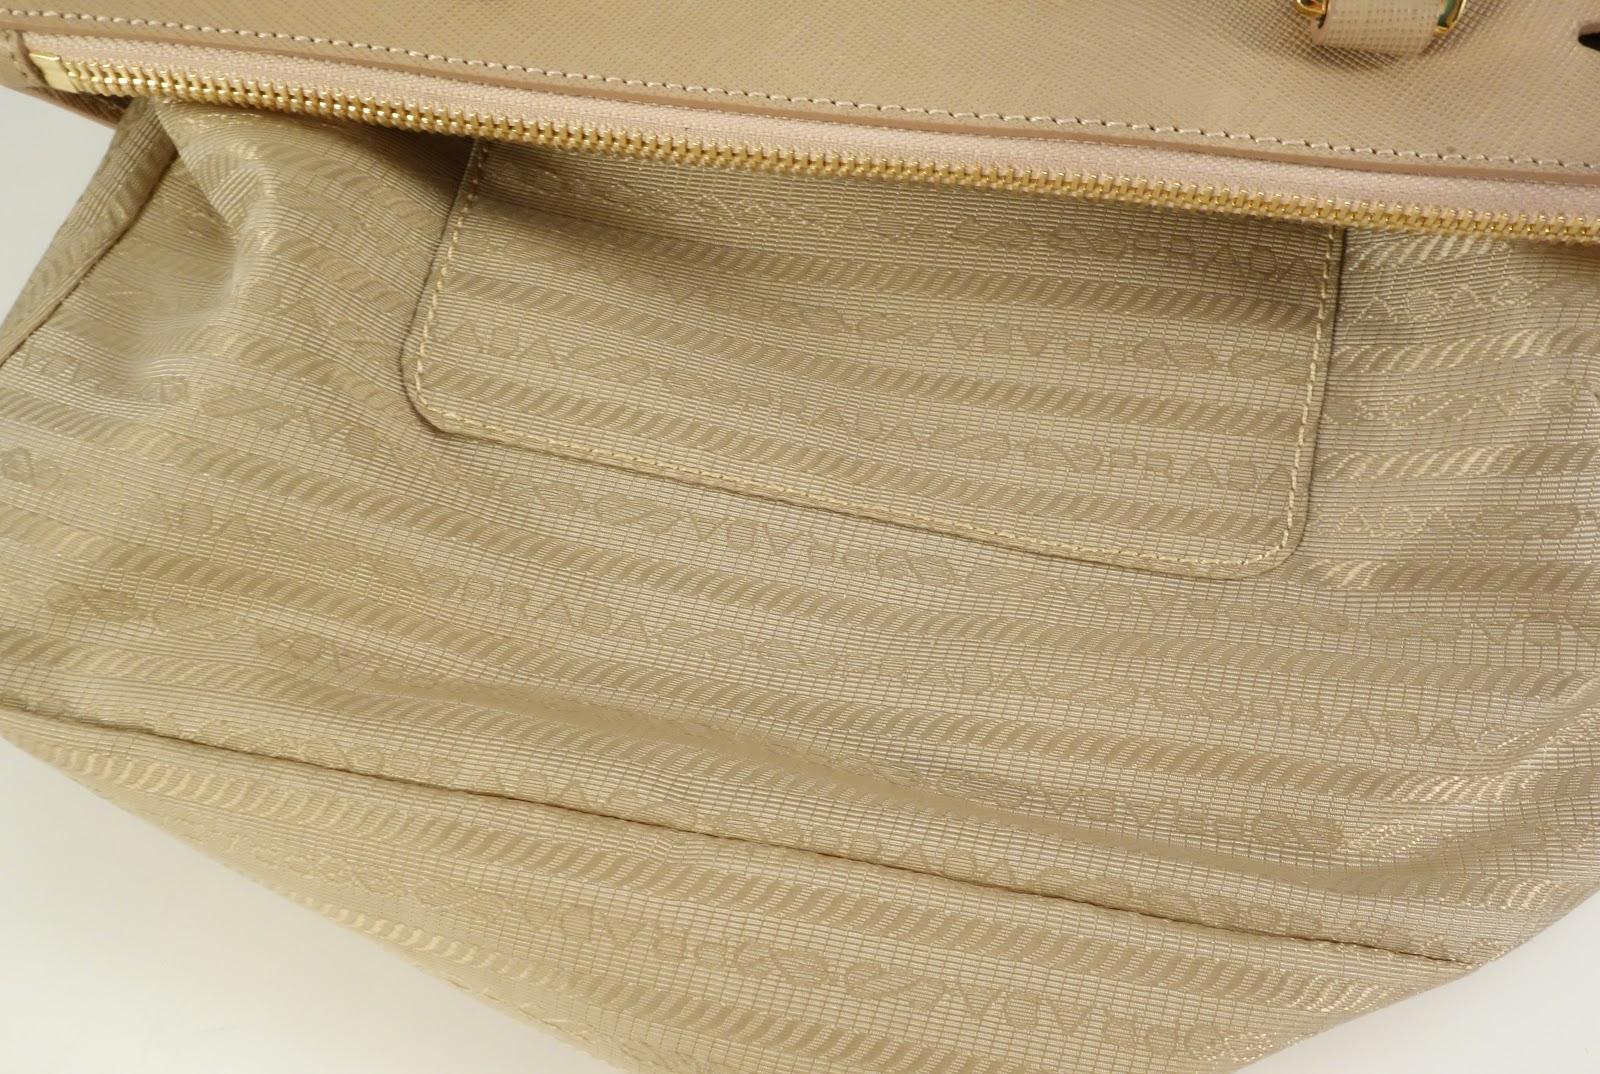 prada designer bags - Purse Princess: Replica Prada Saffiano Tote in Cameo